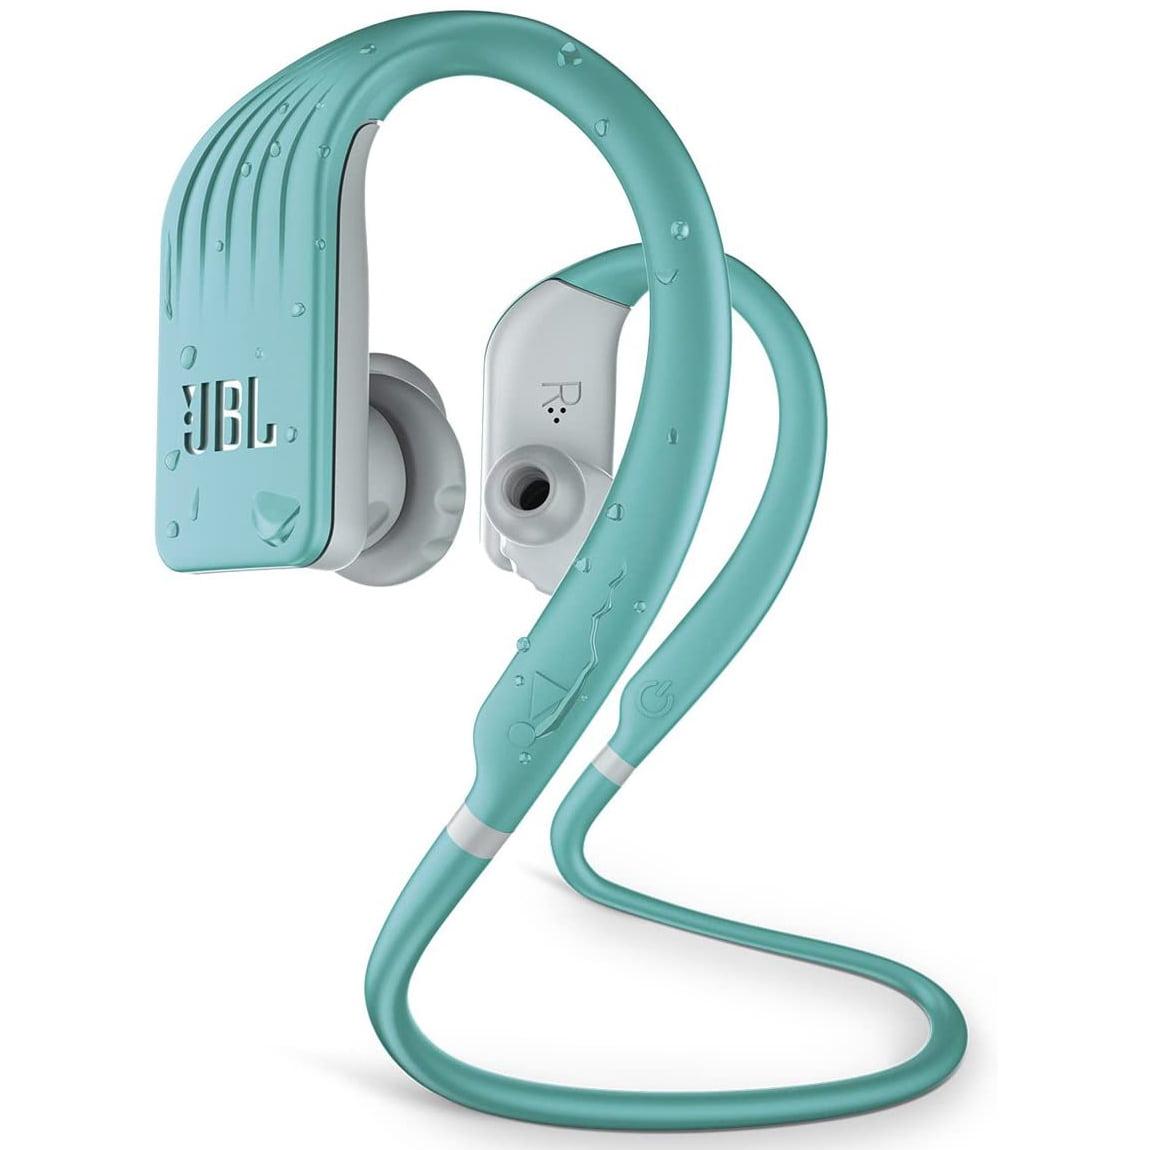 Casti In-Ear JBL Endurance Jump, Wireless, Bluetooth, Autonomie 8 ore, IPX7, Teal